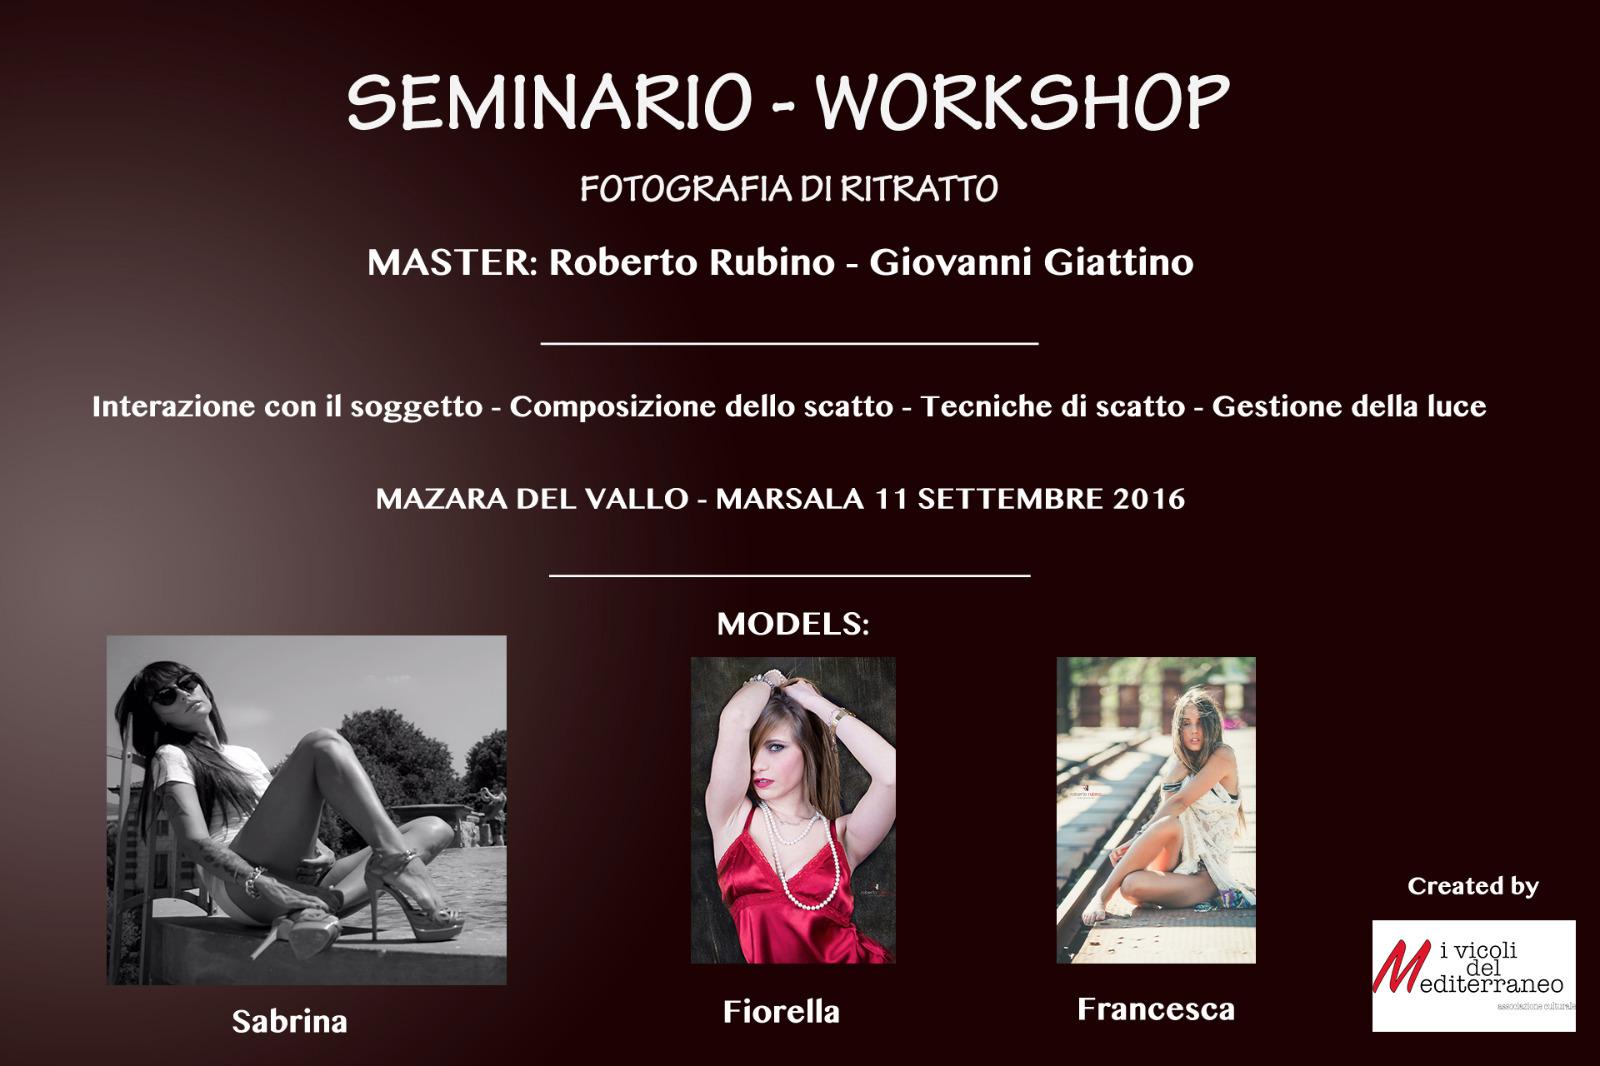 Workshop Fotografia di ritratto